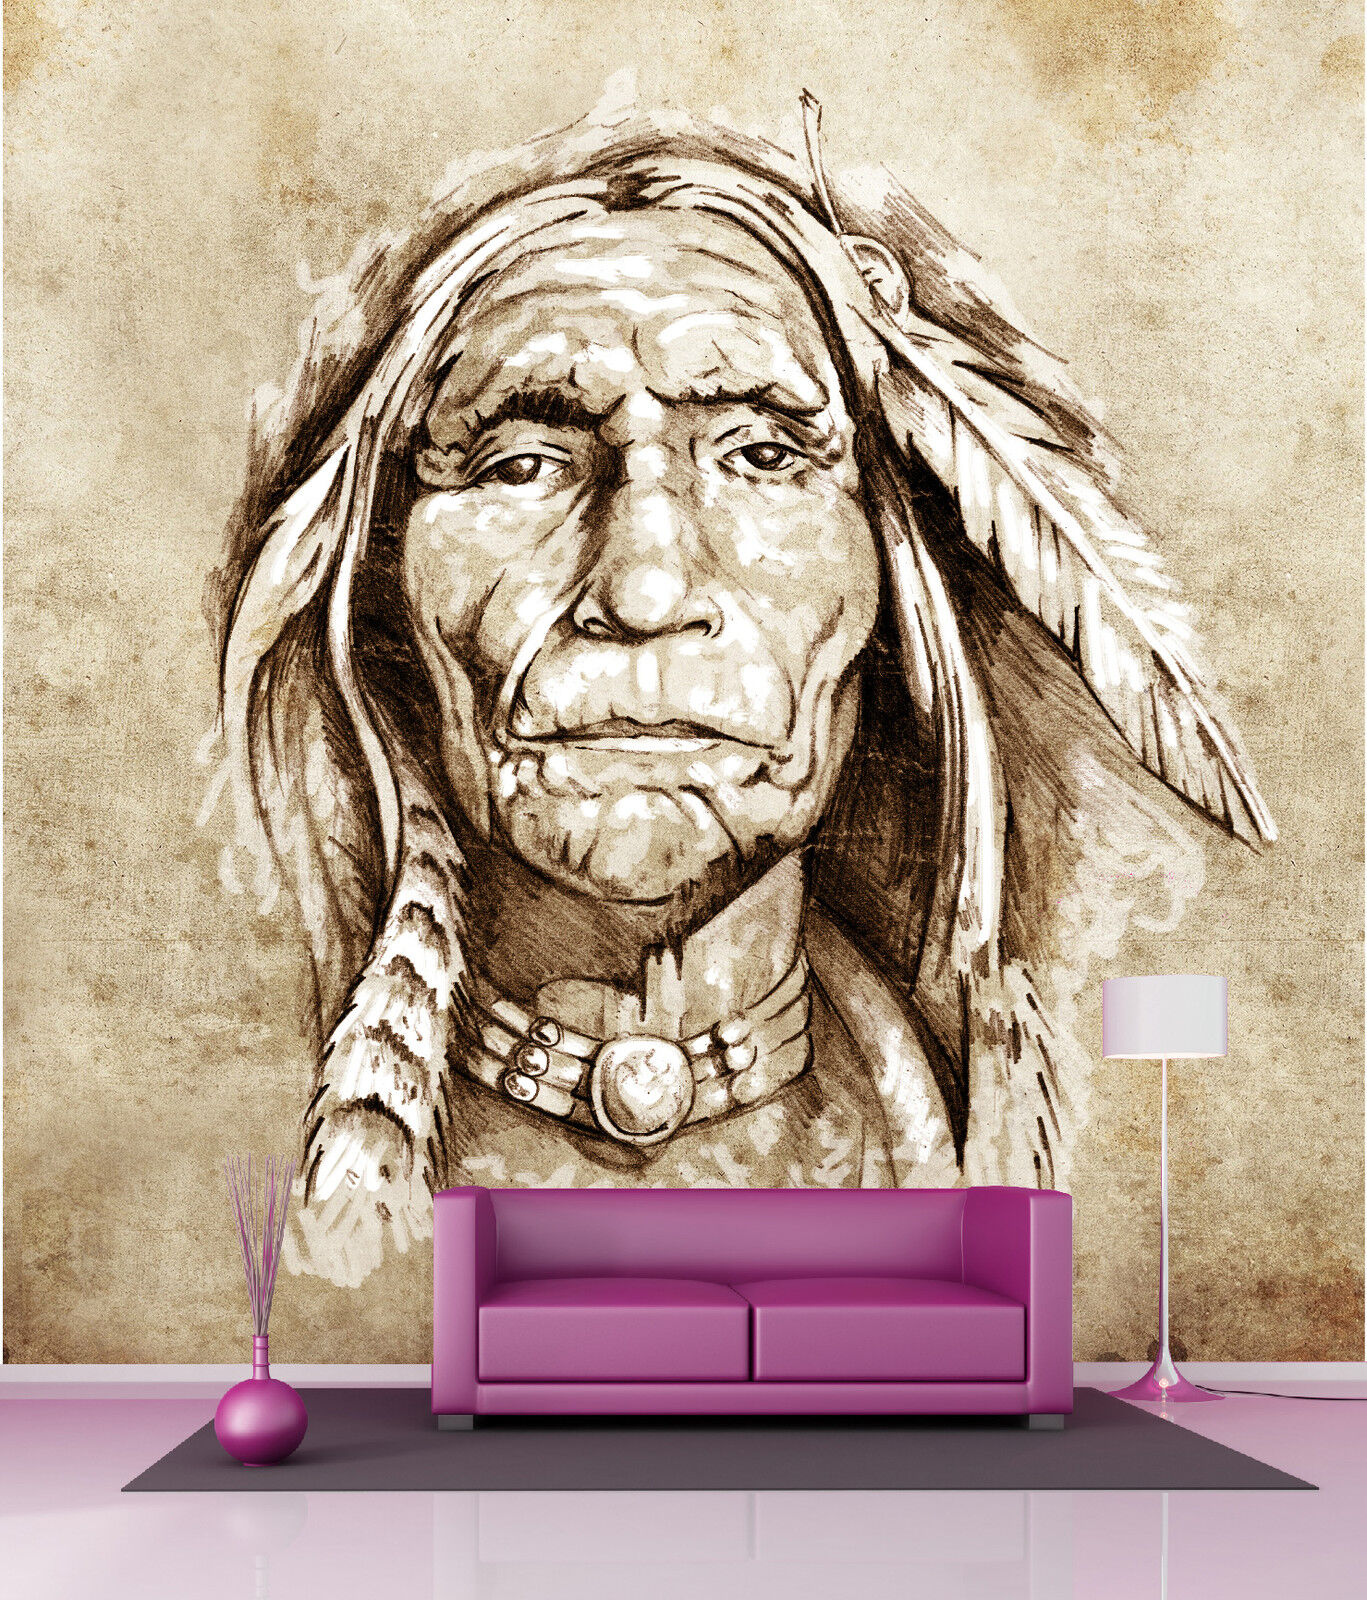 Papel pintado gigante decoración decoración gigante mural Indio ref 4528 9f3e36